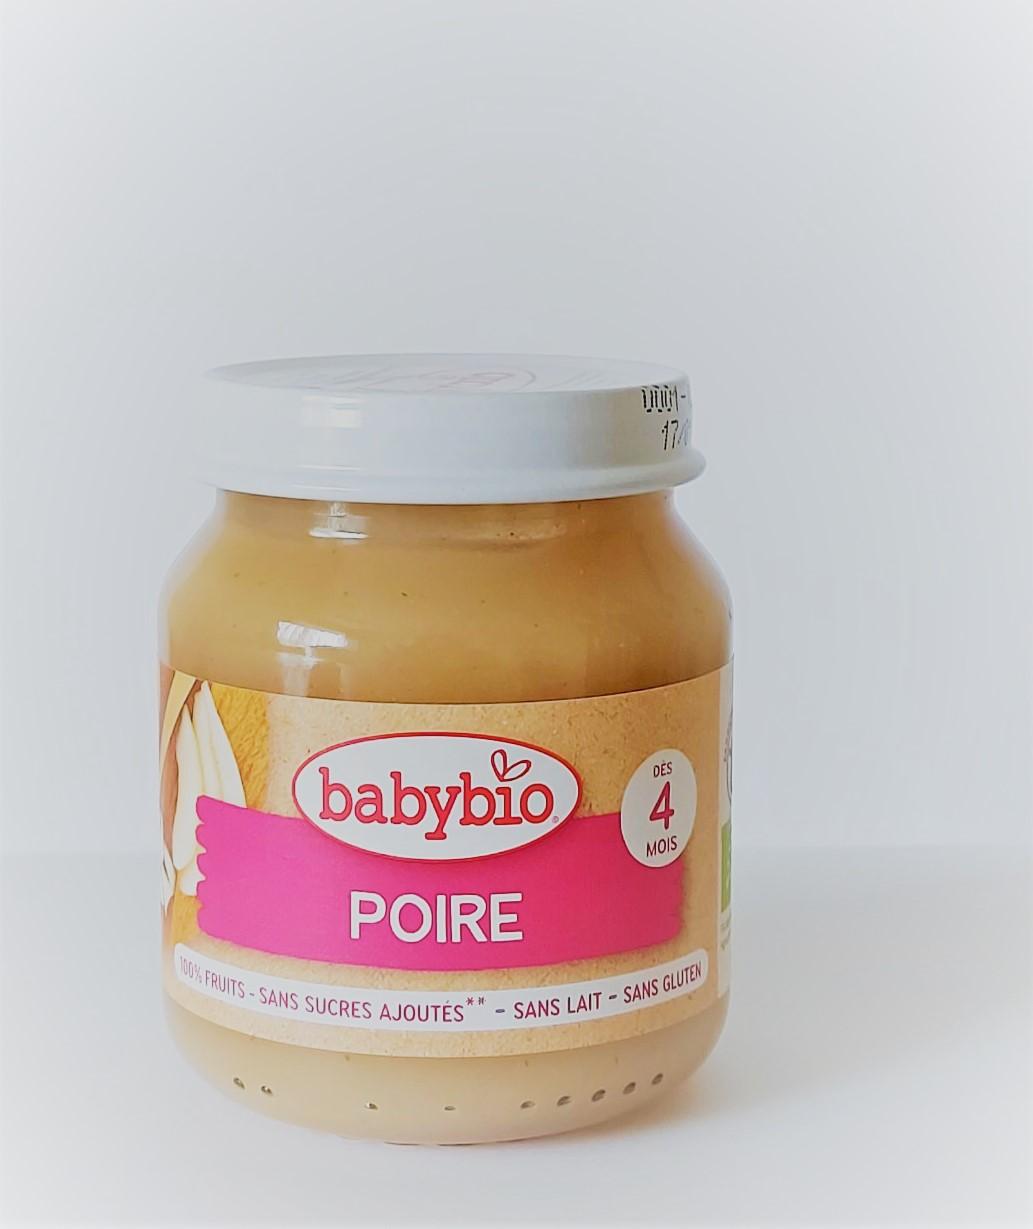 Органічне дитяче пюре з груші для дітей з 4 місяців, 130 гр - купить в интернет-магазине Юнимед